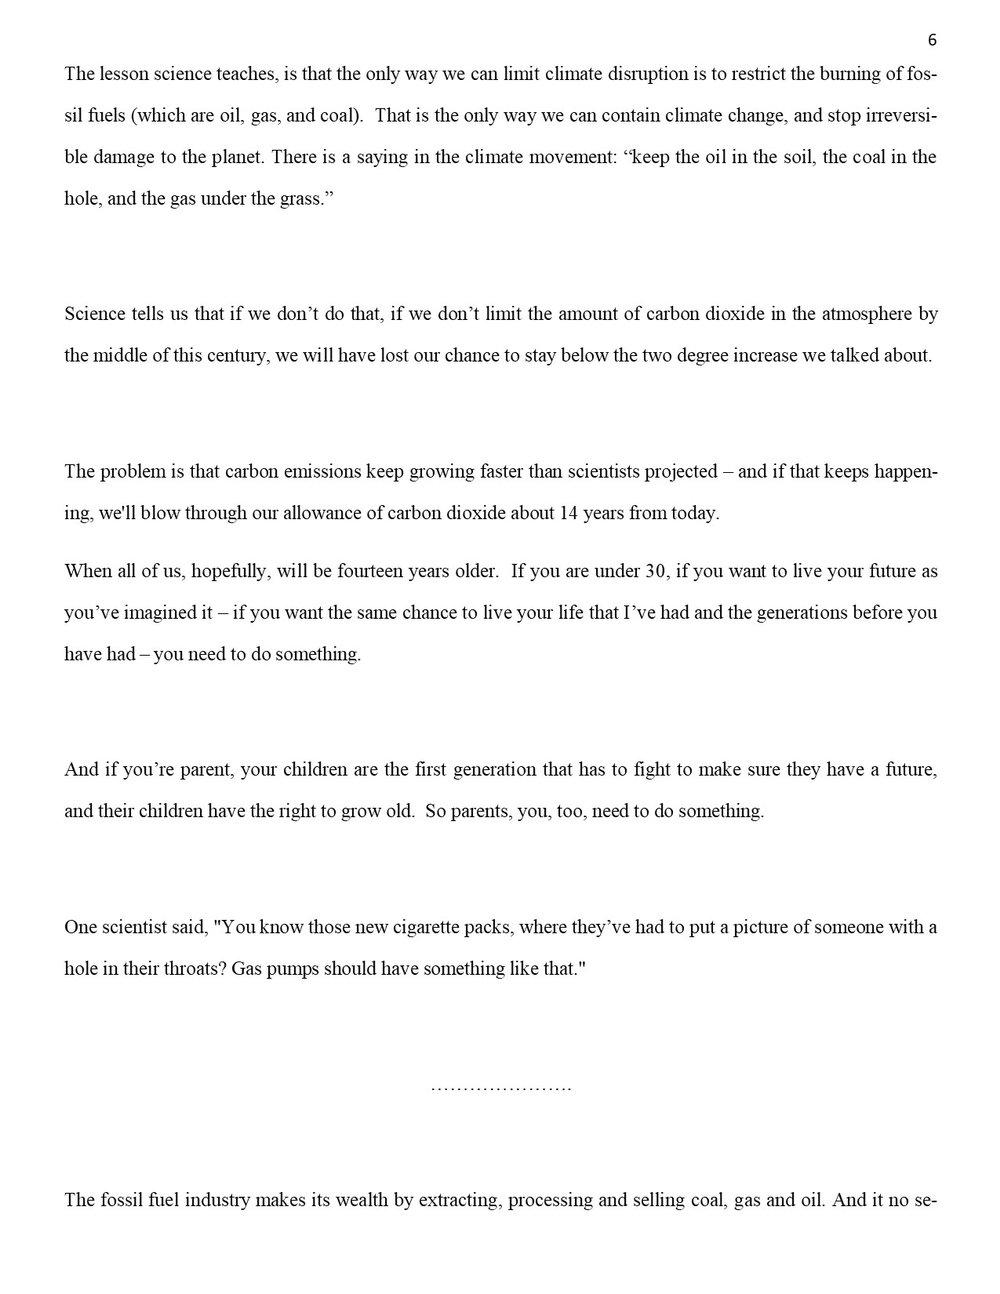 Story of a Hillside - Sabina Virgo (Prose, Essay)-6.jpg